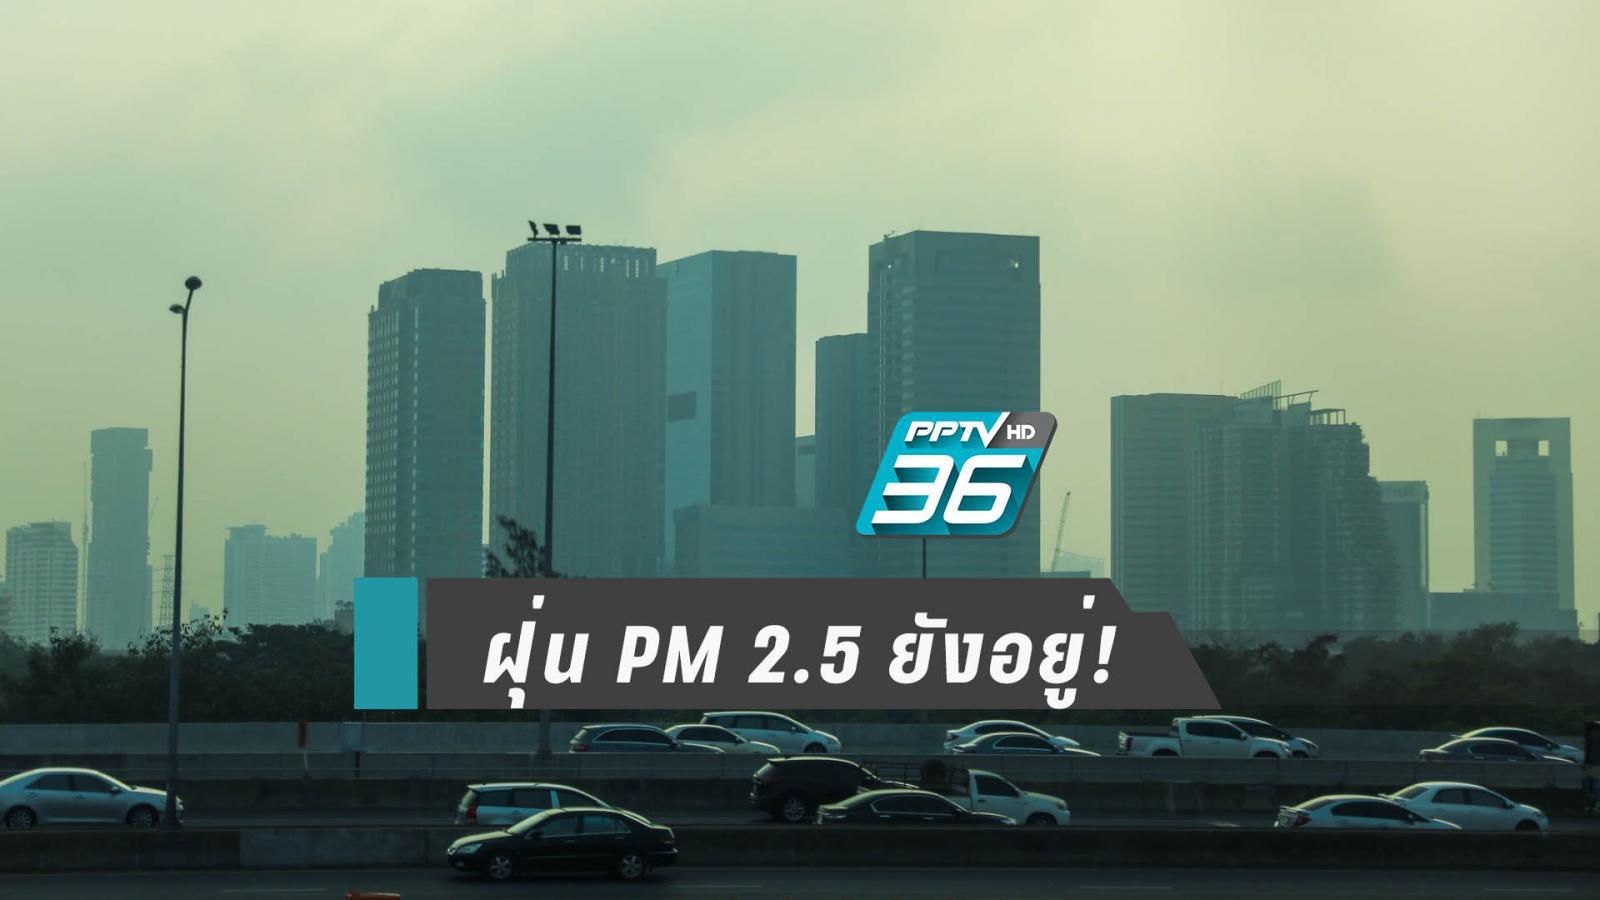 ฝุ่น PM 2.5 ยังอยู่! กรุงเทพ 10 พื้นที่